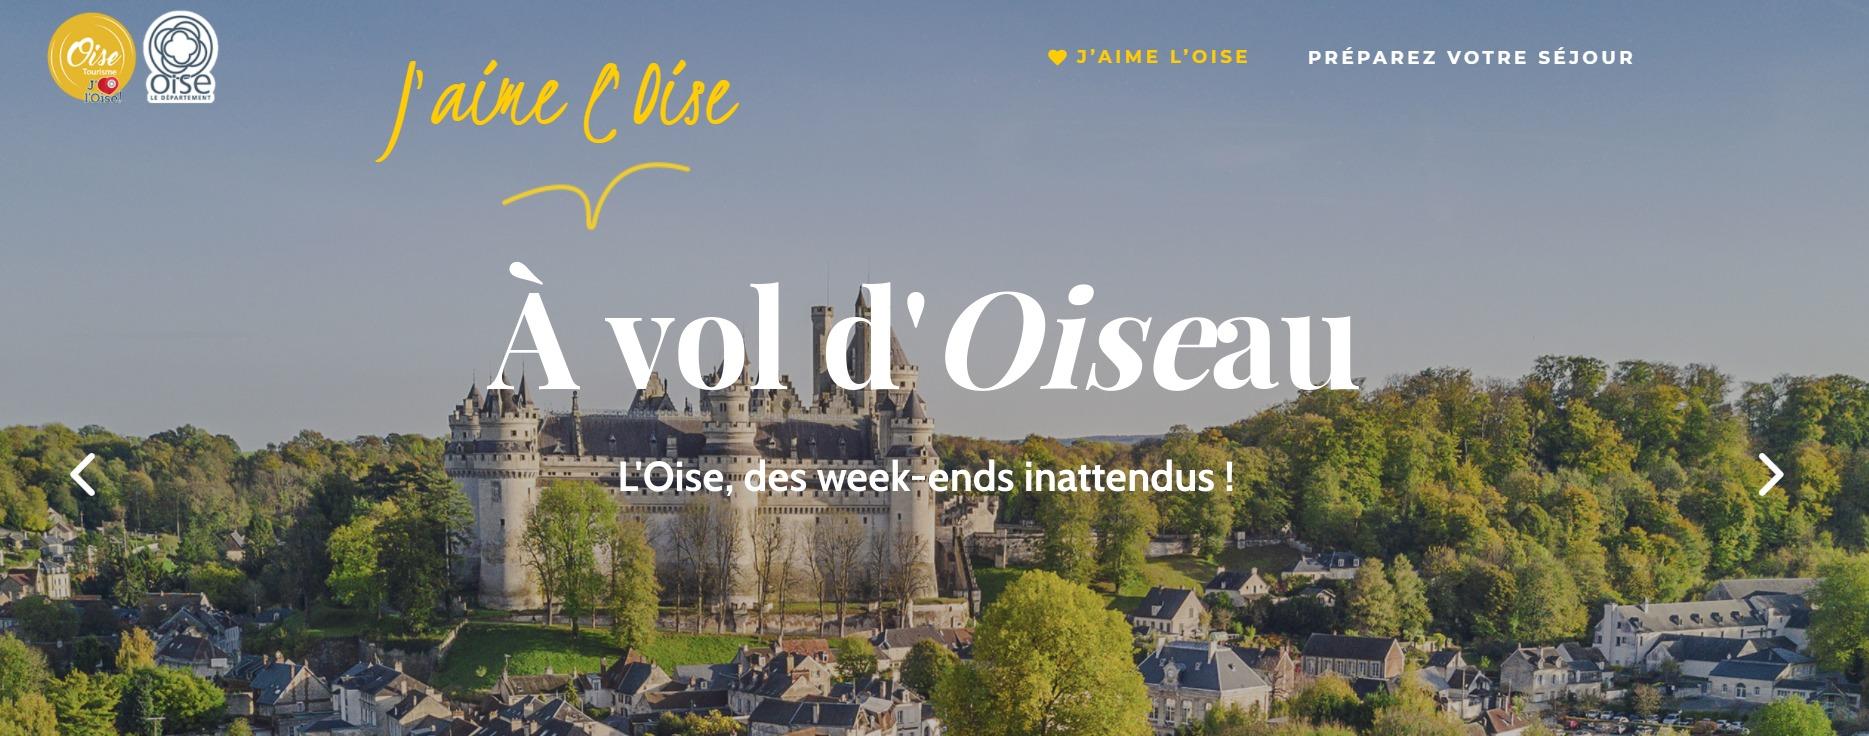 site-jaime-oise-tourisme